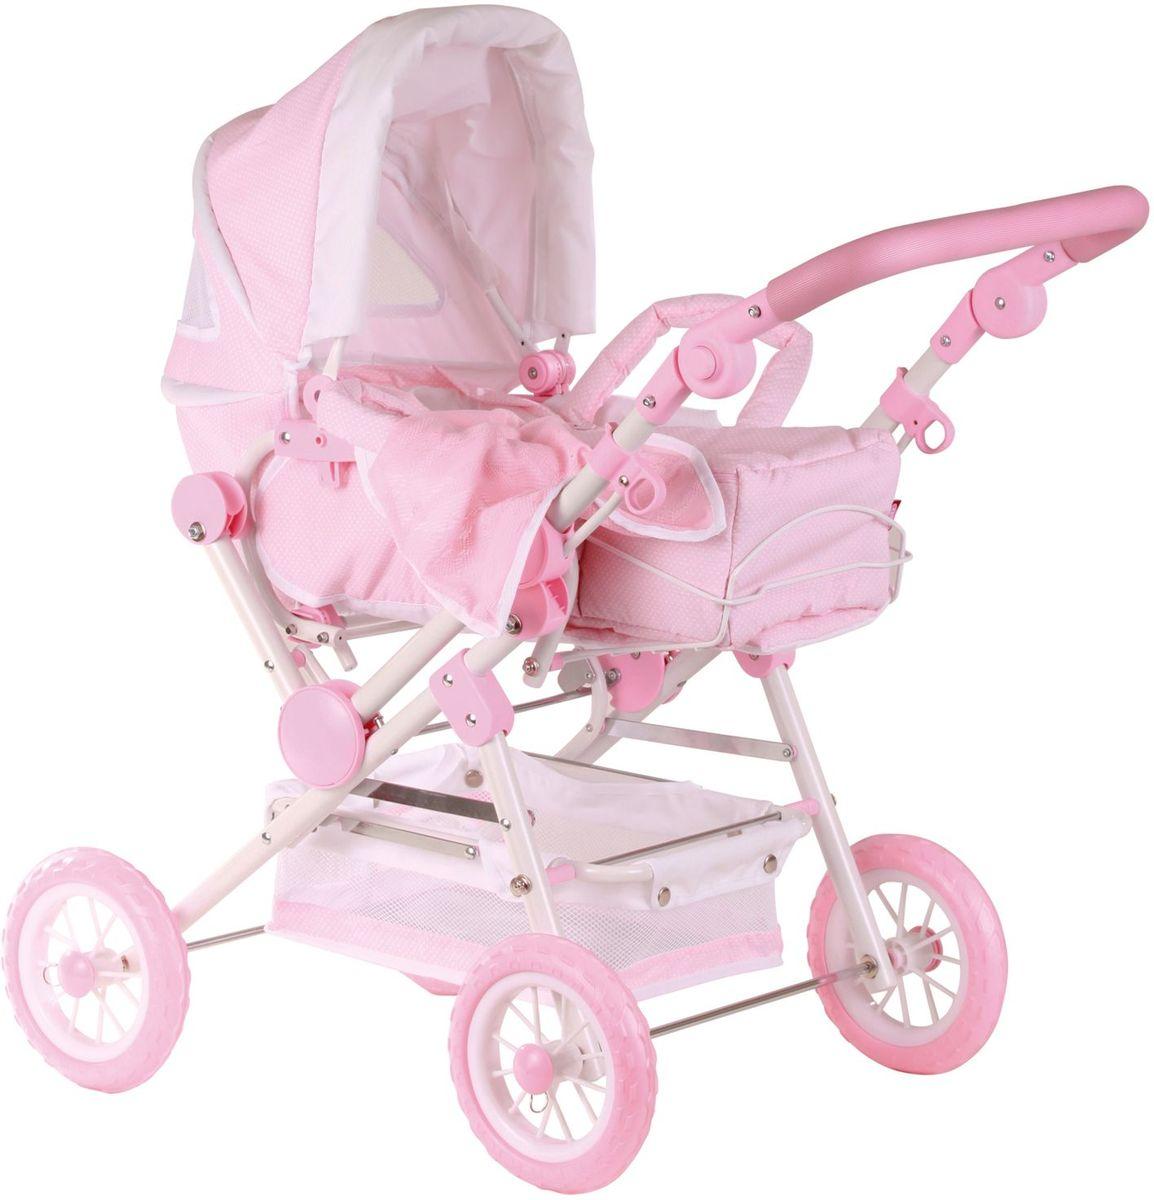 Gotz Транспорт для кукол Коляска четырехколесная цвет светло-розовый белый коляски для кукол mami 18973